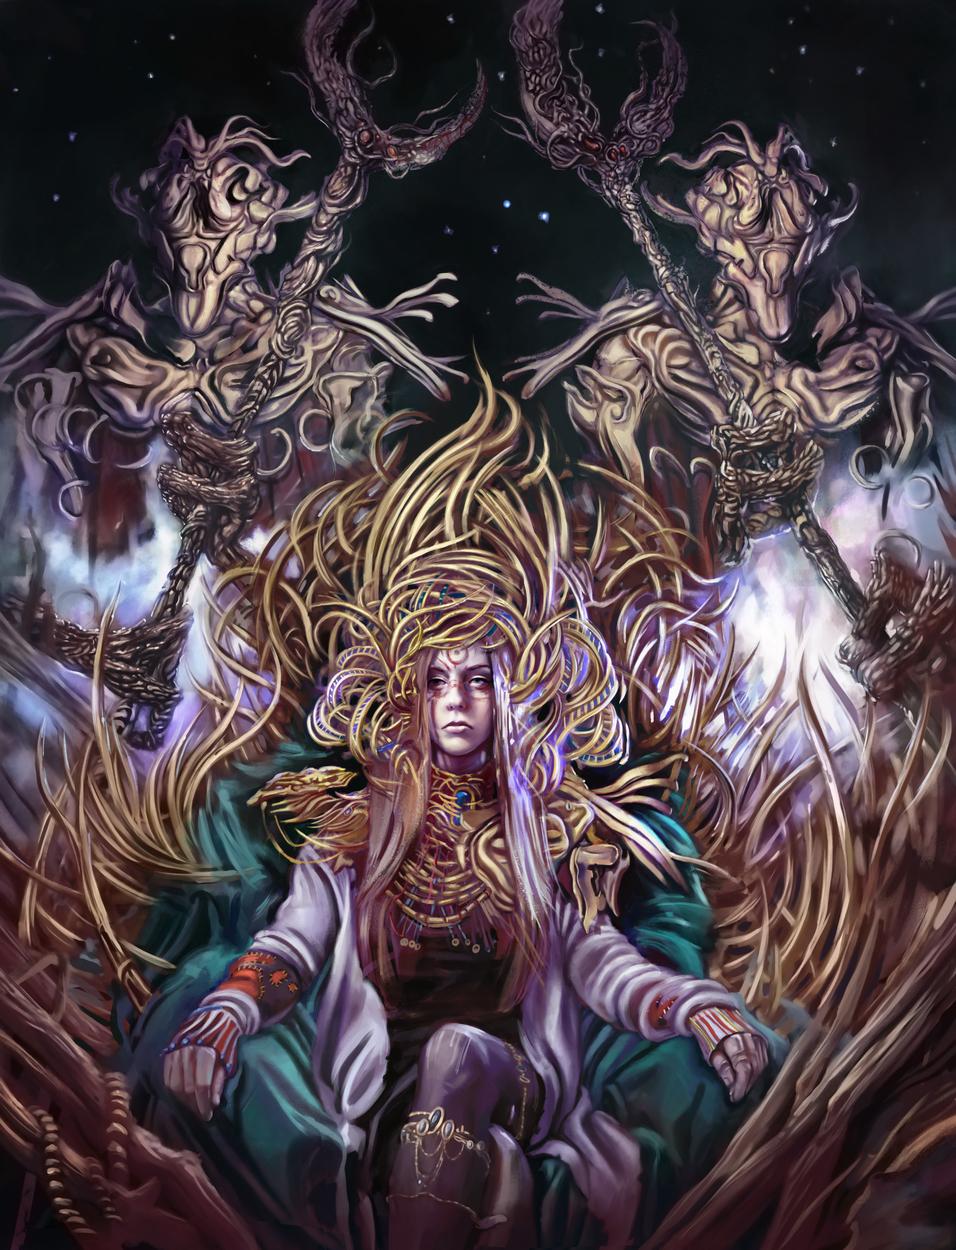 Alien Throne Artwork by Ken McCuen